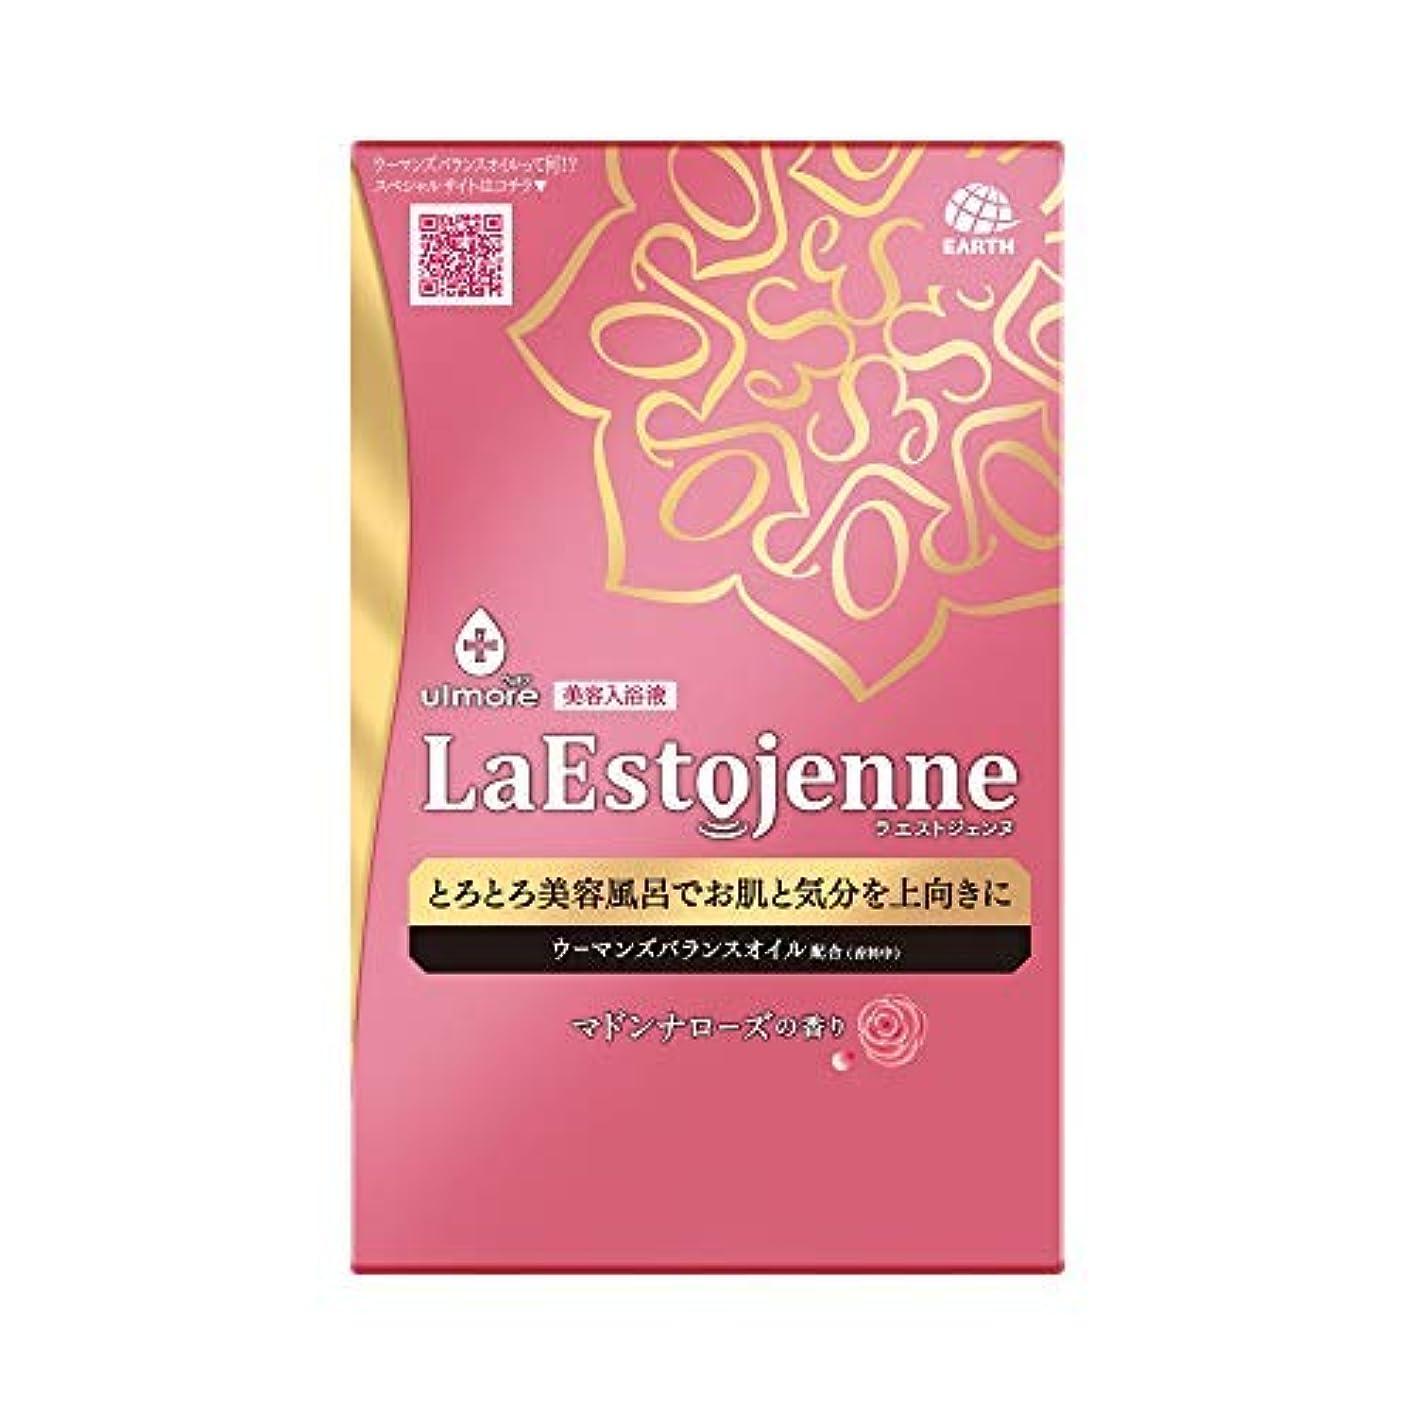 主要な従来の売り手ウルモア ラエストジェンヌ マドンナローズの香り 3包入り × 2個セット